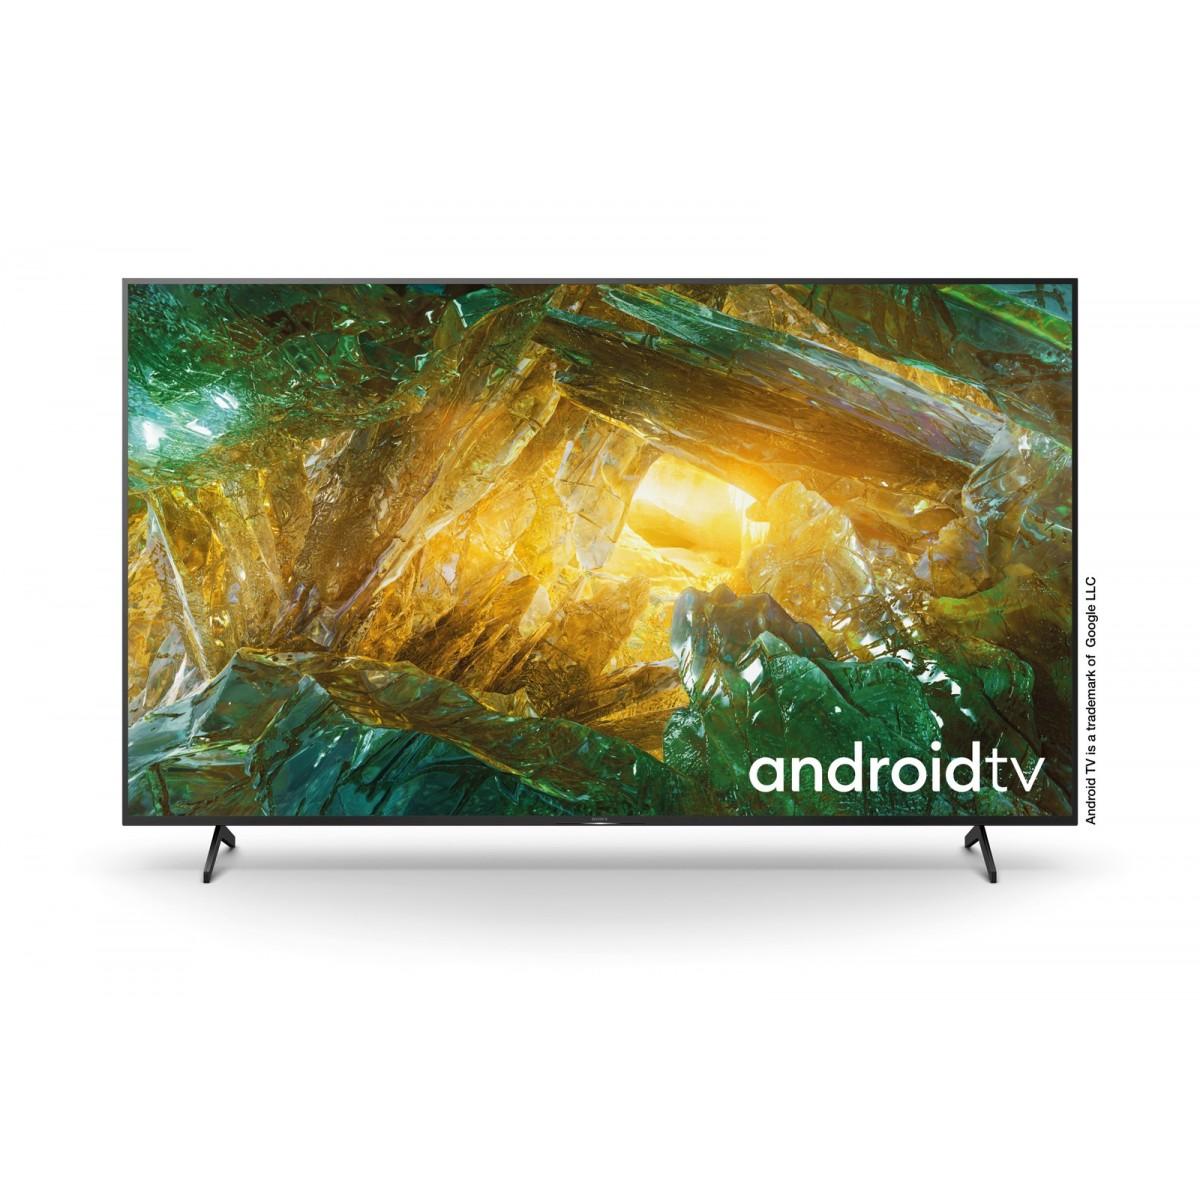 Sony KD 85XH80 | Android TV 85 pollici, Smart TV LED 4K HDR Ultra HD, con Assistenti Vocali integrati (Nero, Modello 2020)